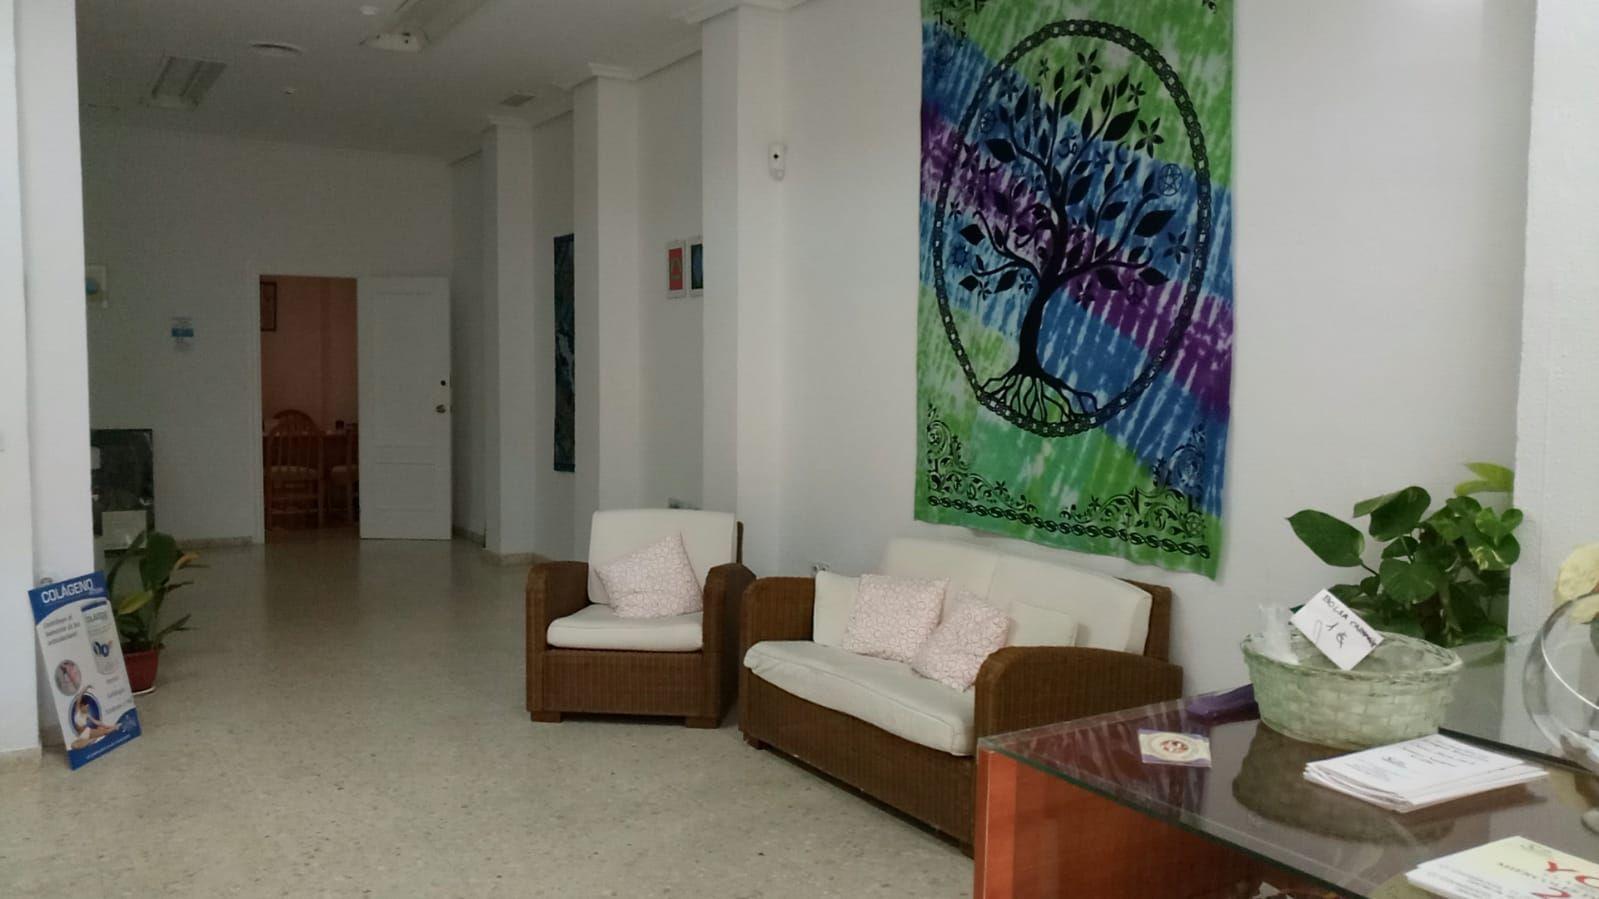 Centros de acupuntura en Sevilla